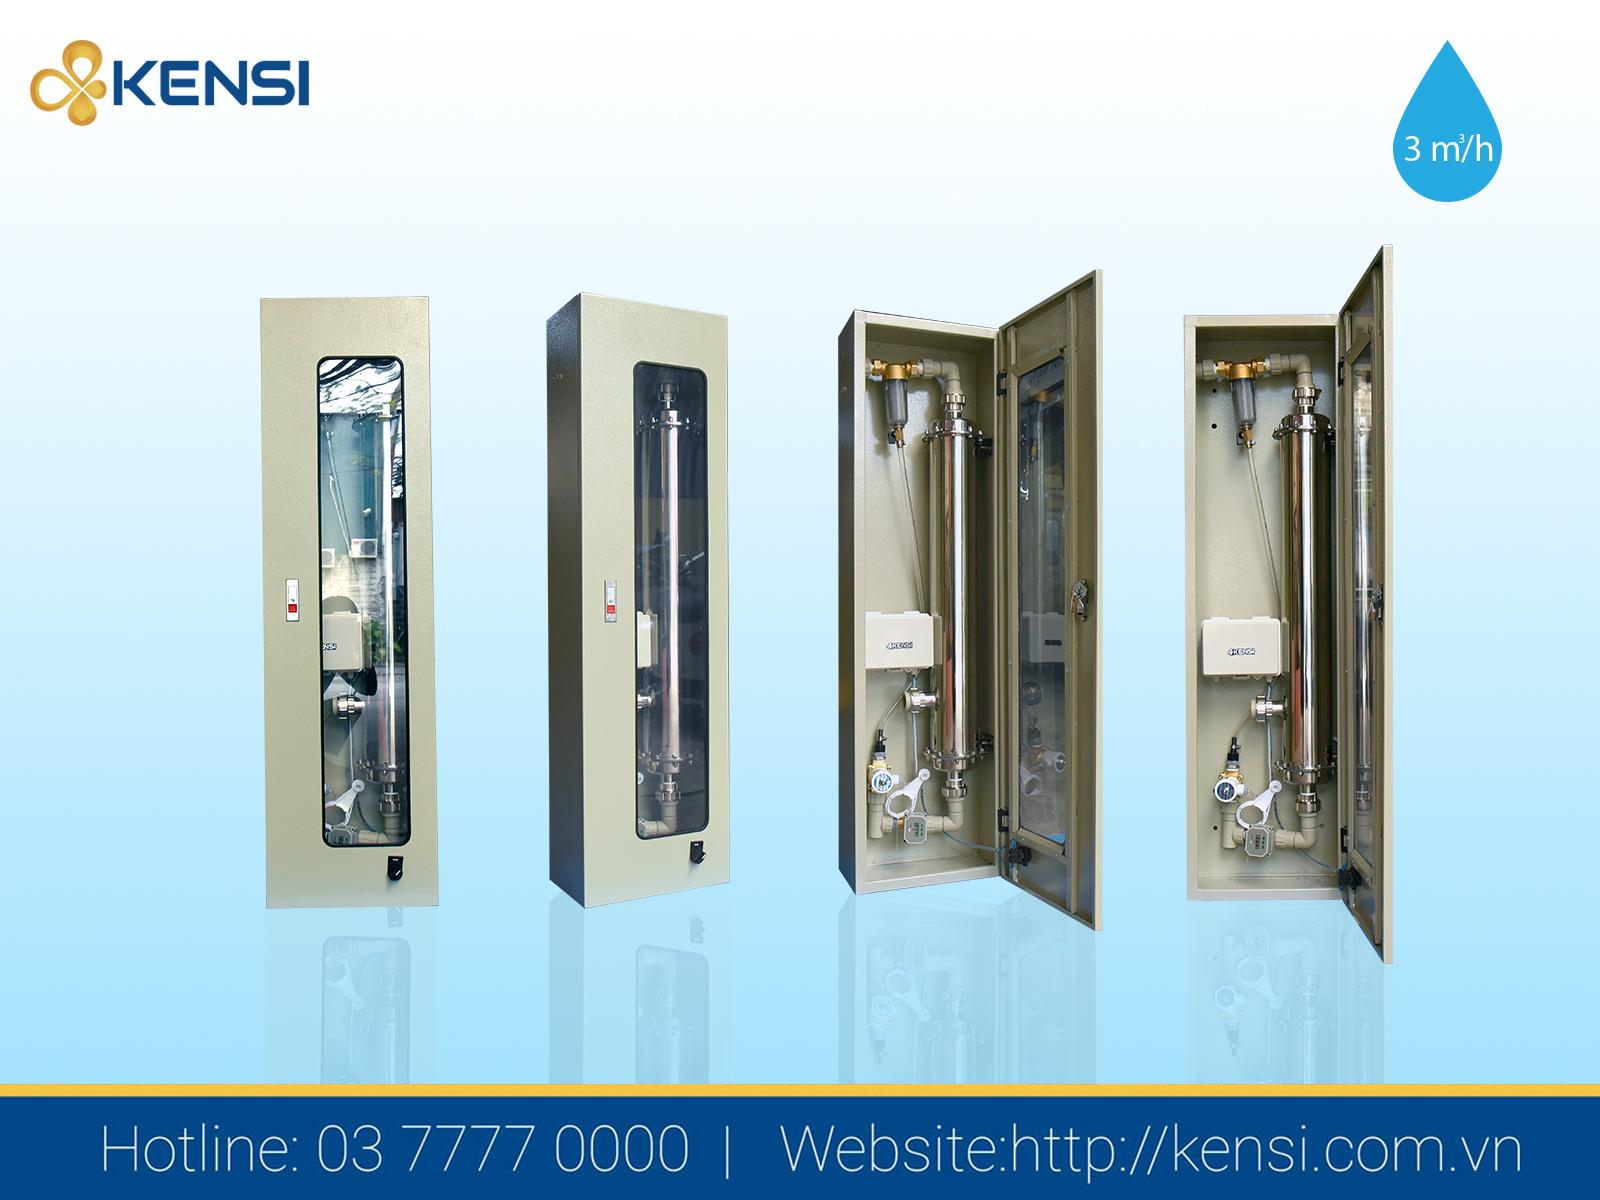 Máy lọc nước cho nhà hàng công suất 3m3/h